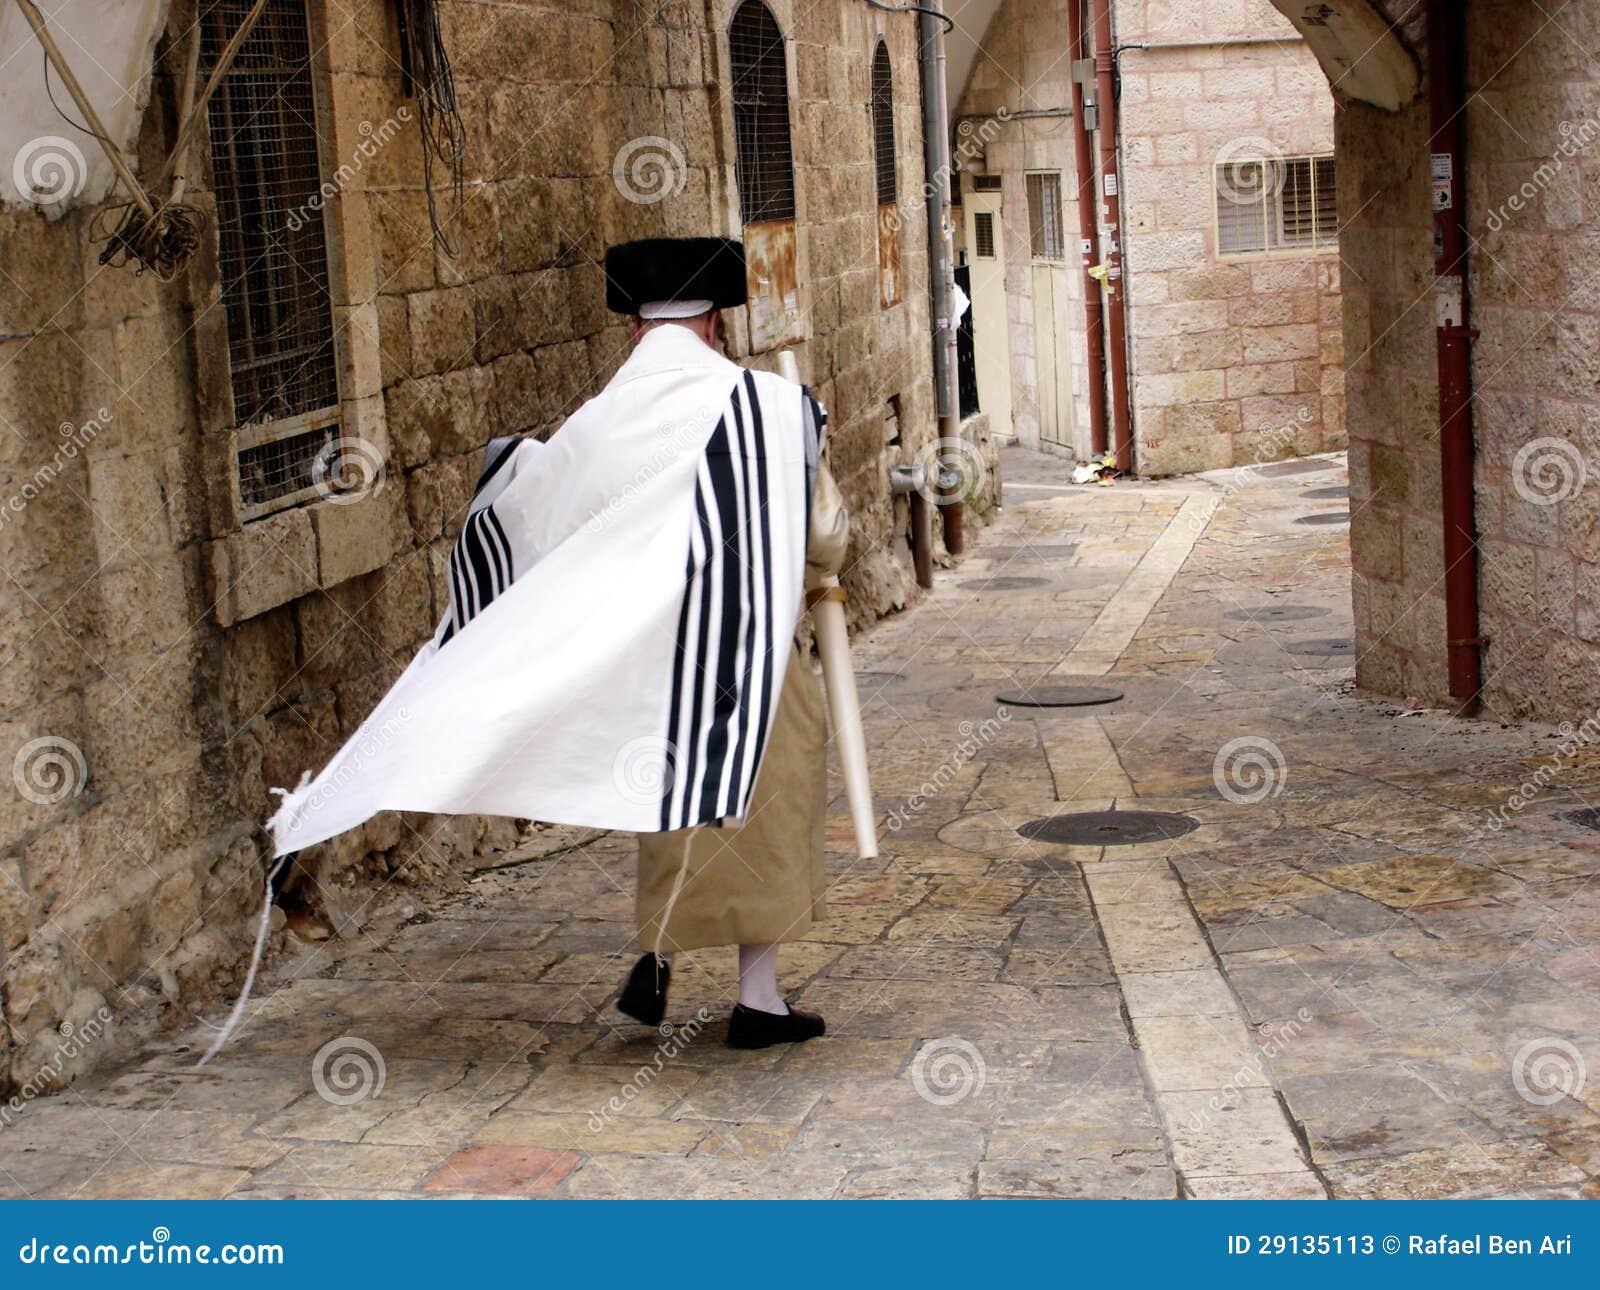 Vecindad del Mea Shearim en Jerusalén Israel.